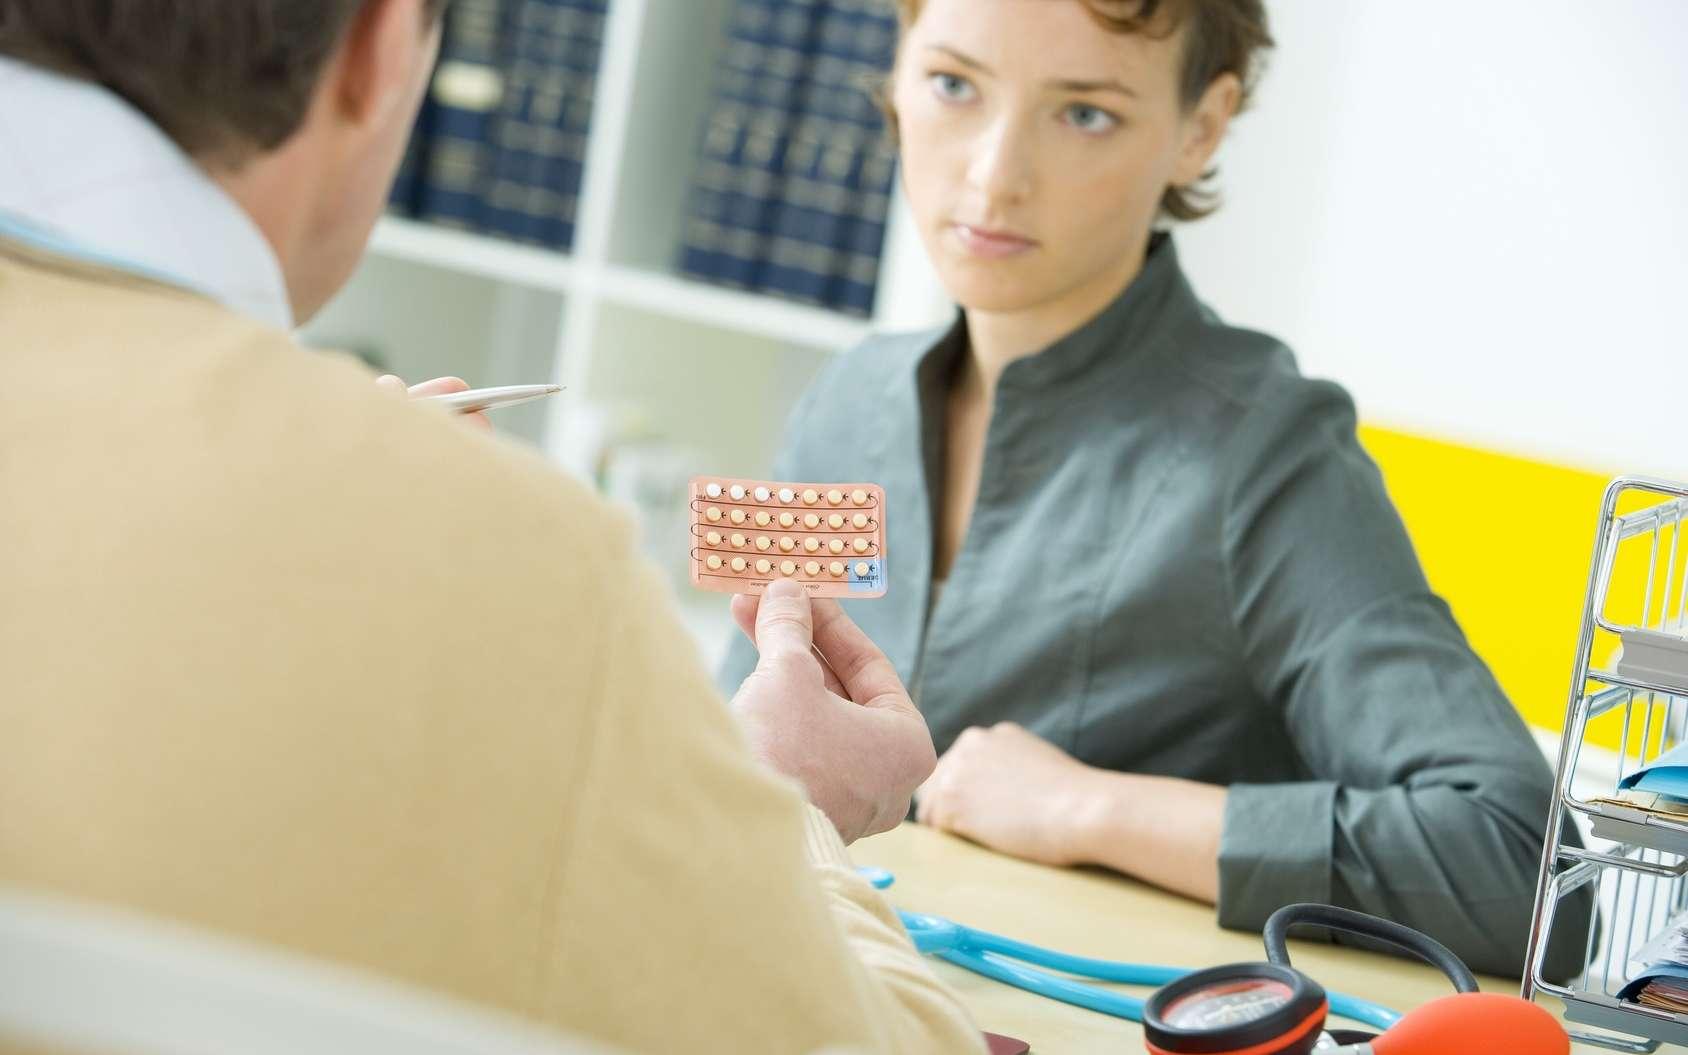 La pilule présente des avantages, mais aussi des inconvénients à connaître. © Lydie stock, Fotolia